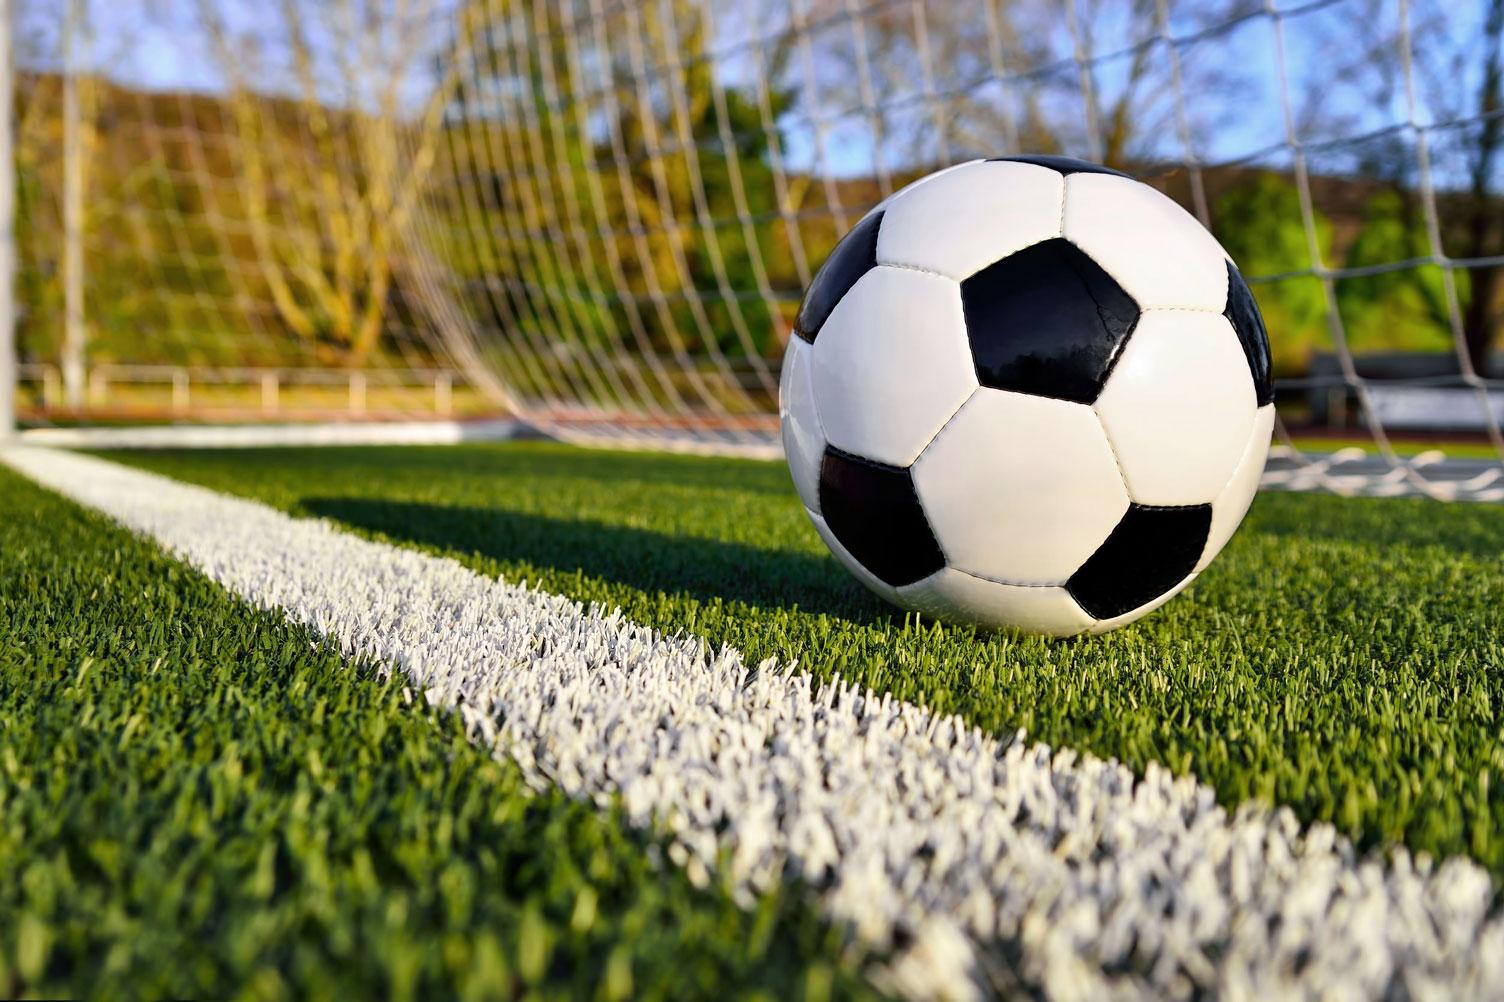 Мяч на зеленом футбольном поле